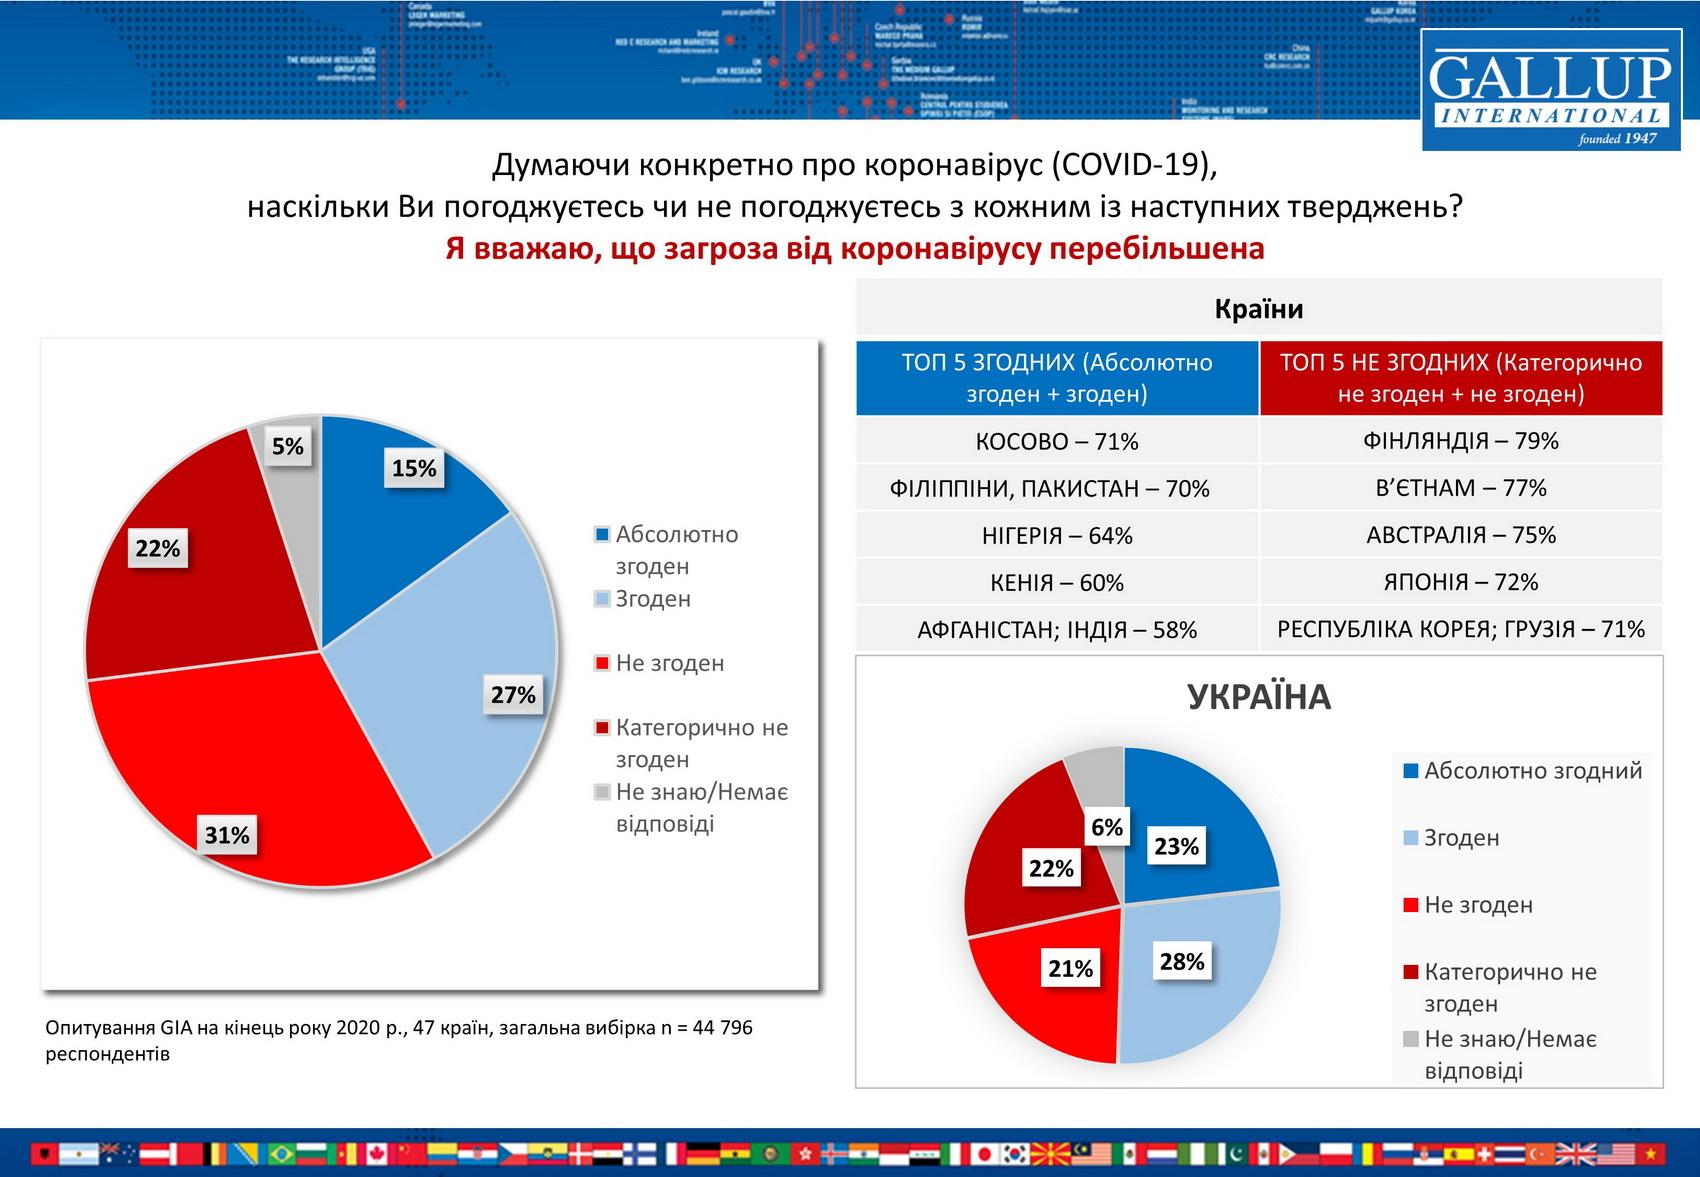 Среди украинцев преобладает мнение о преувеличенности угрозы COVID-19